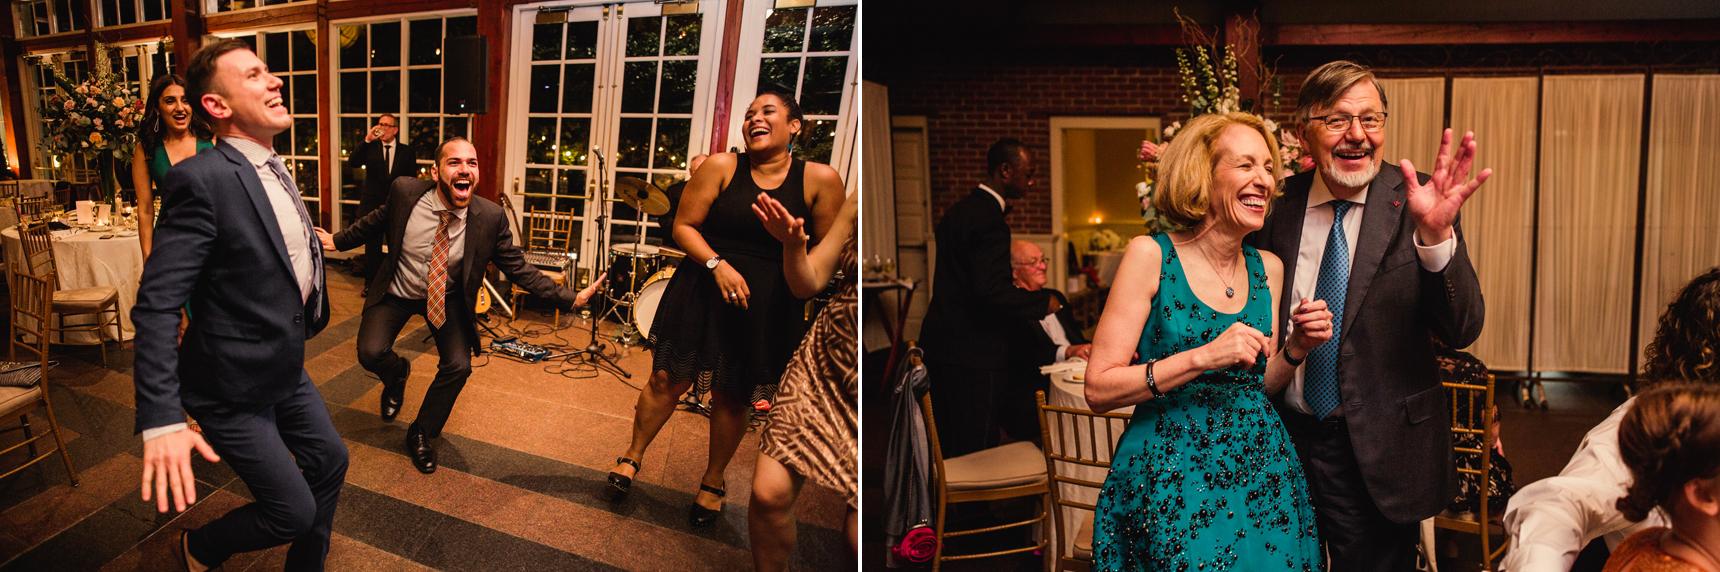 Jory_LoebBoathouse_CentralPark_NewYork_WeddingPhotographer145.jpg